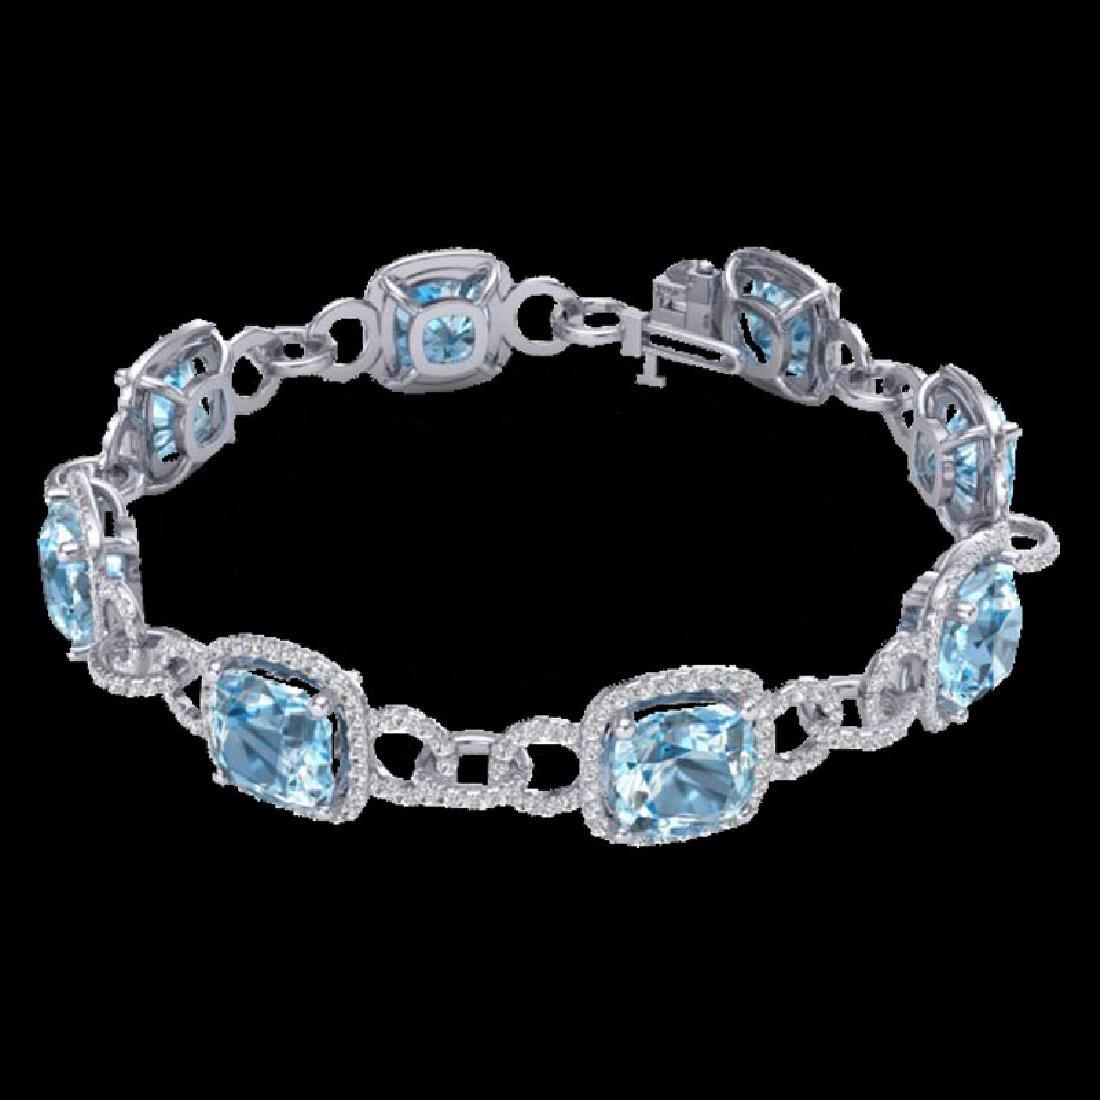 30 CTW Topaz & Micro VS/SI Diamond Bracelet 14K White - 2